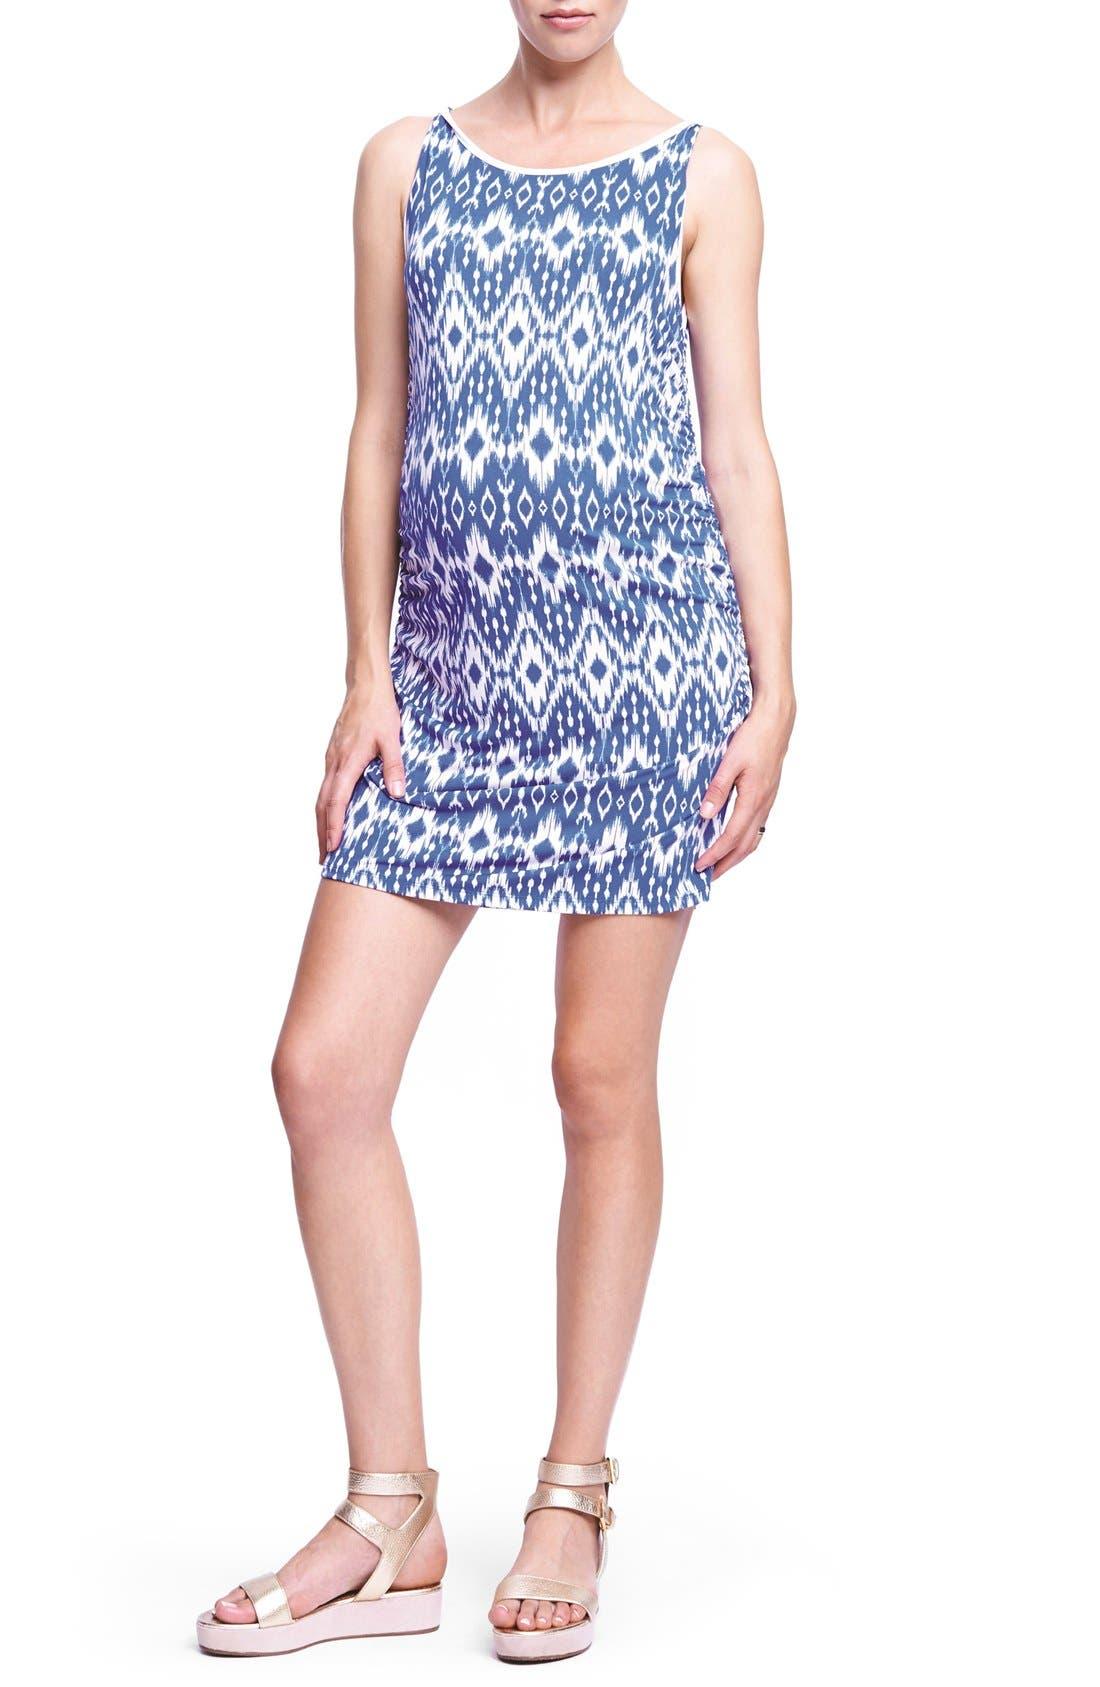 Main Image - The Urban Ma 'Twist' Maternity Tank Dress